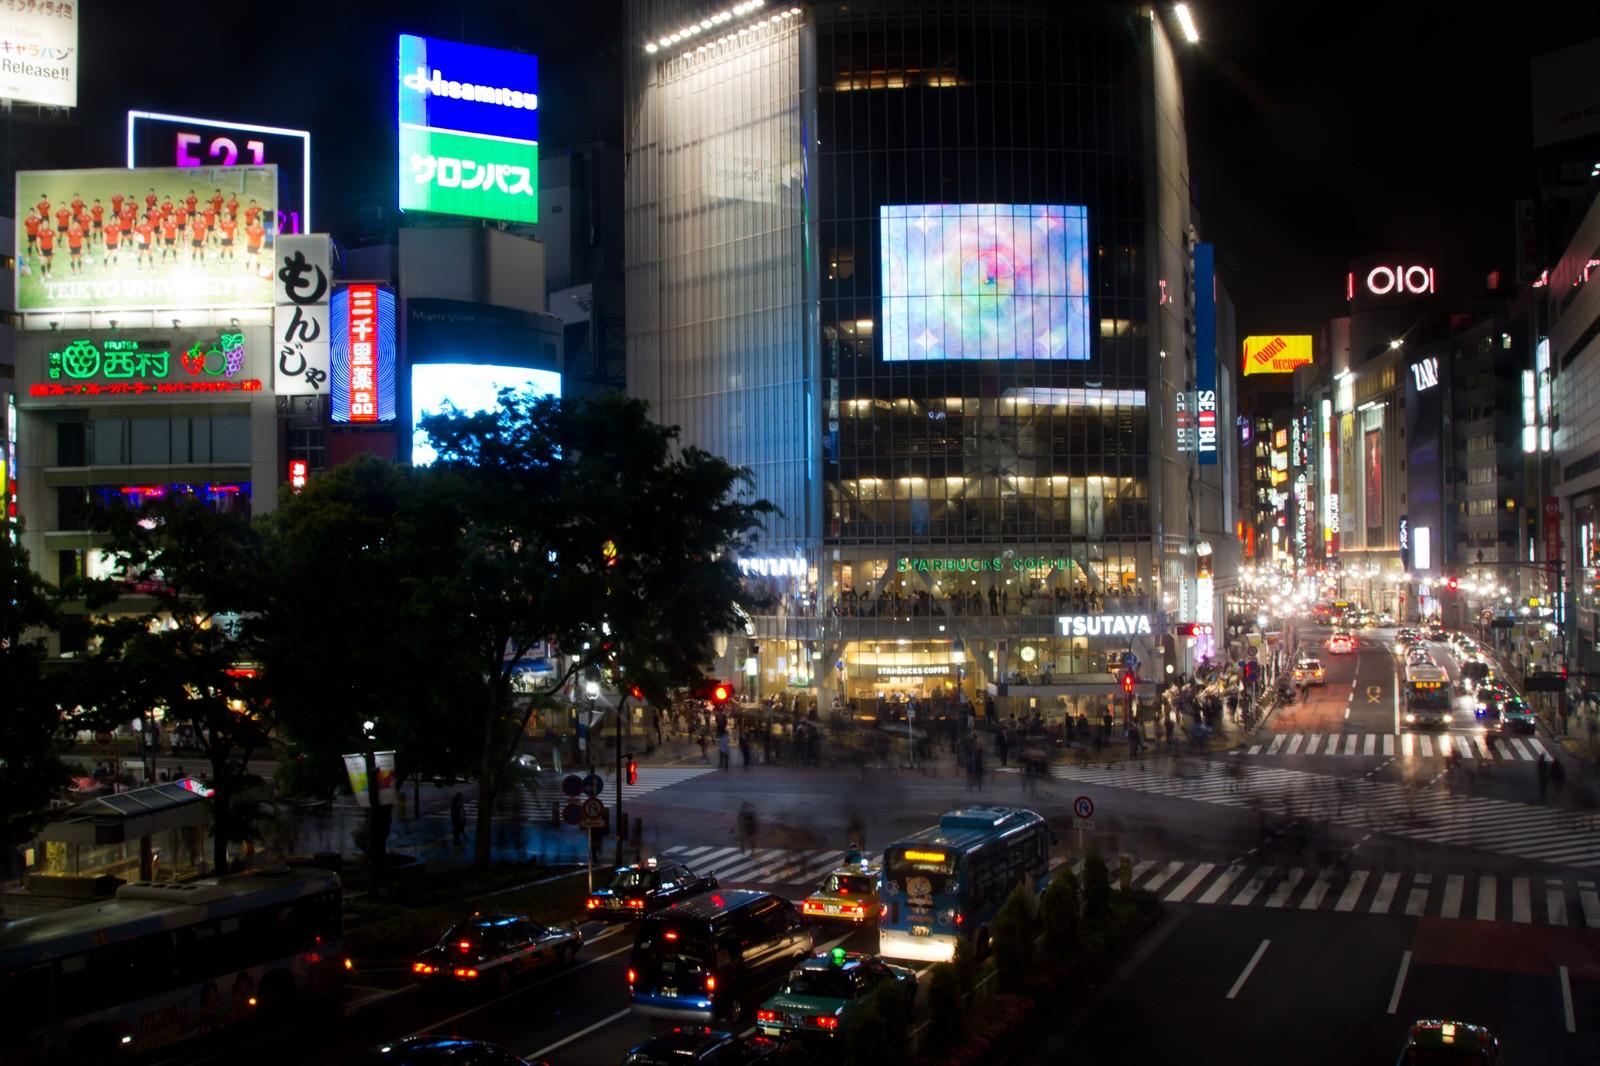 渋谷の居酒屋で宴会ならココ!大人数での利用に最適なお店を紹介!